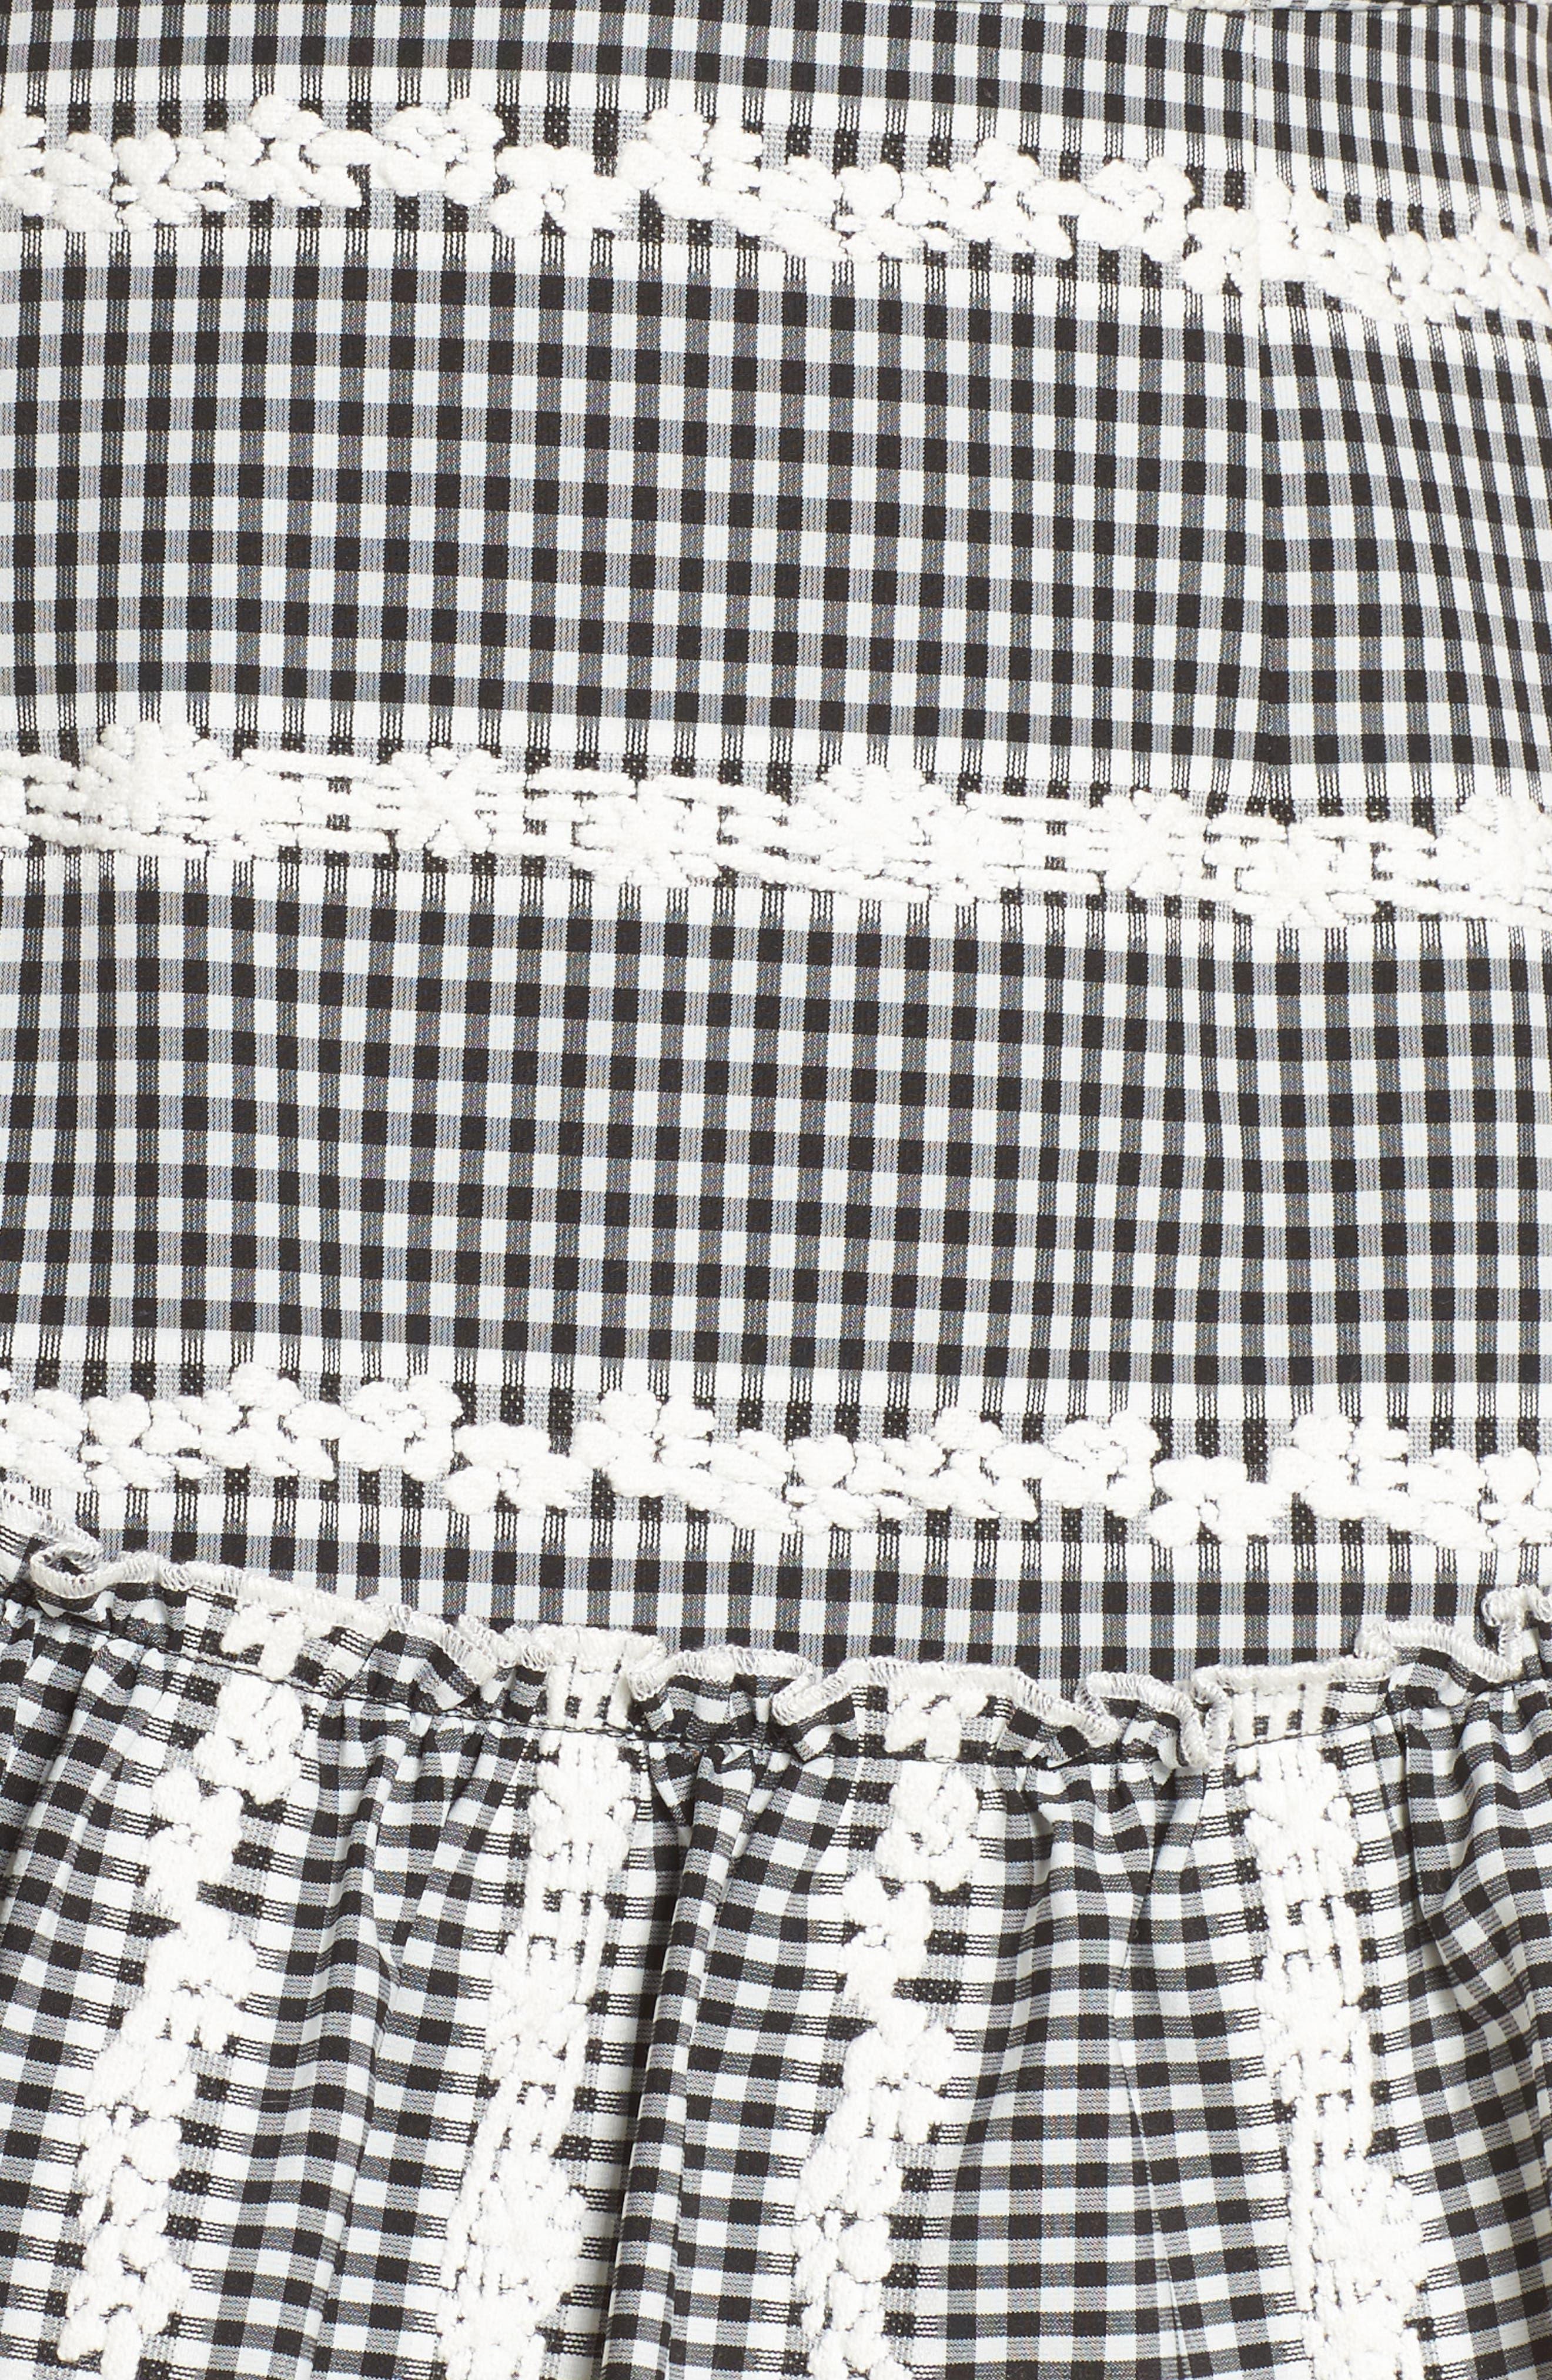 Belle Ruffle Gingham Dress,                             Alternate thumbnail 5, color,                             001